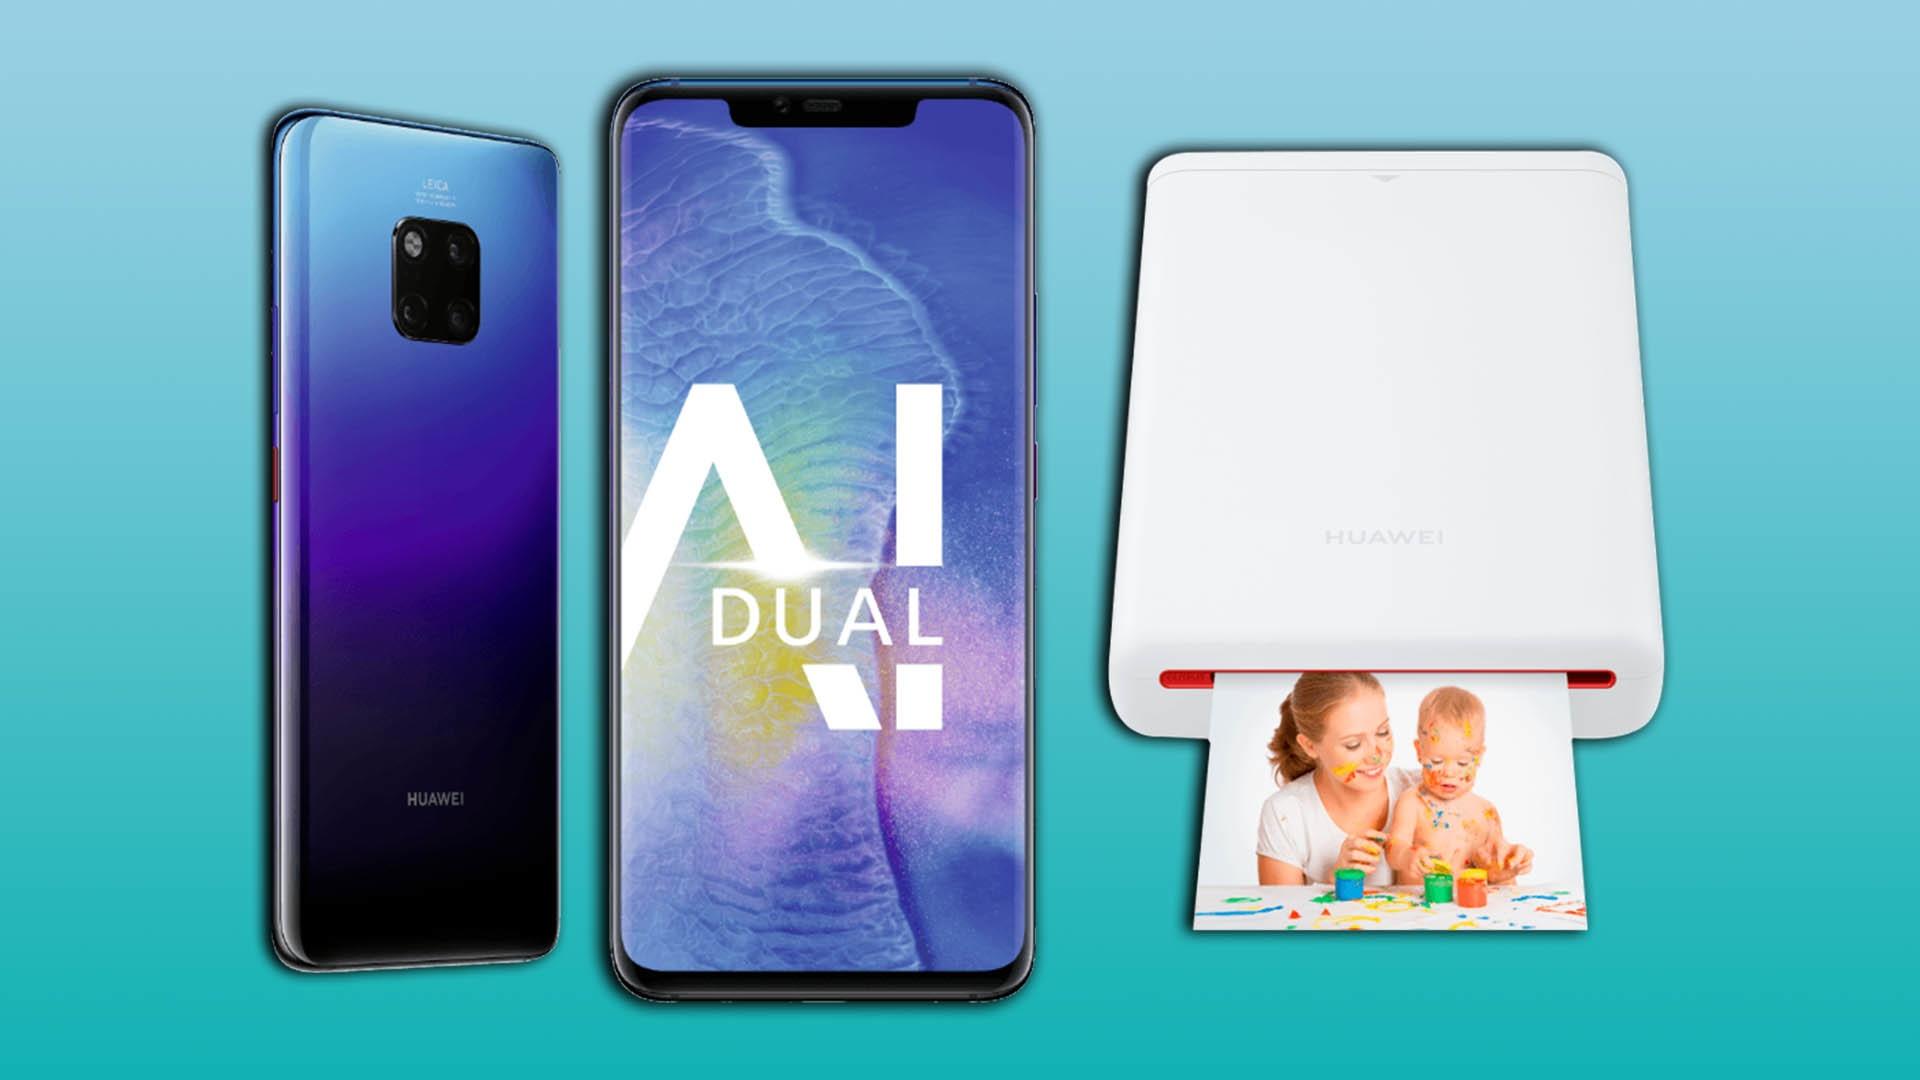 Huawei Mate20 Pro Für 679 Euro Top Handy Zum Spitzenpreis